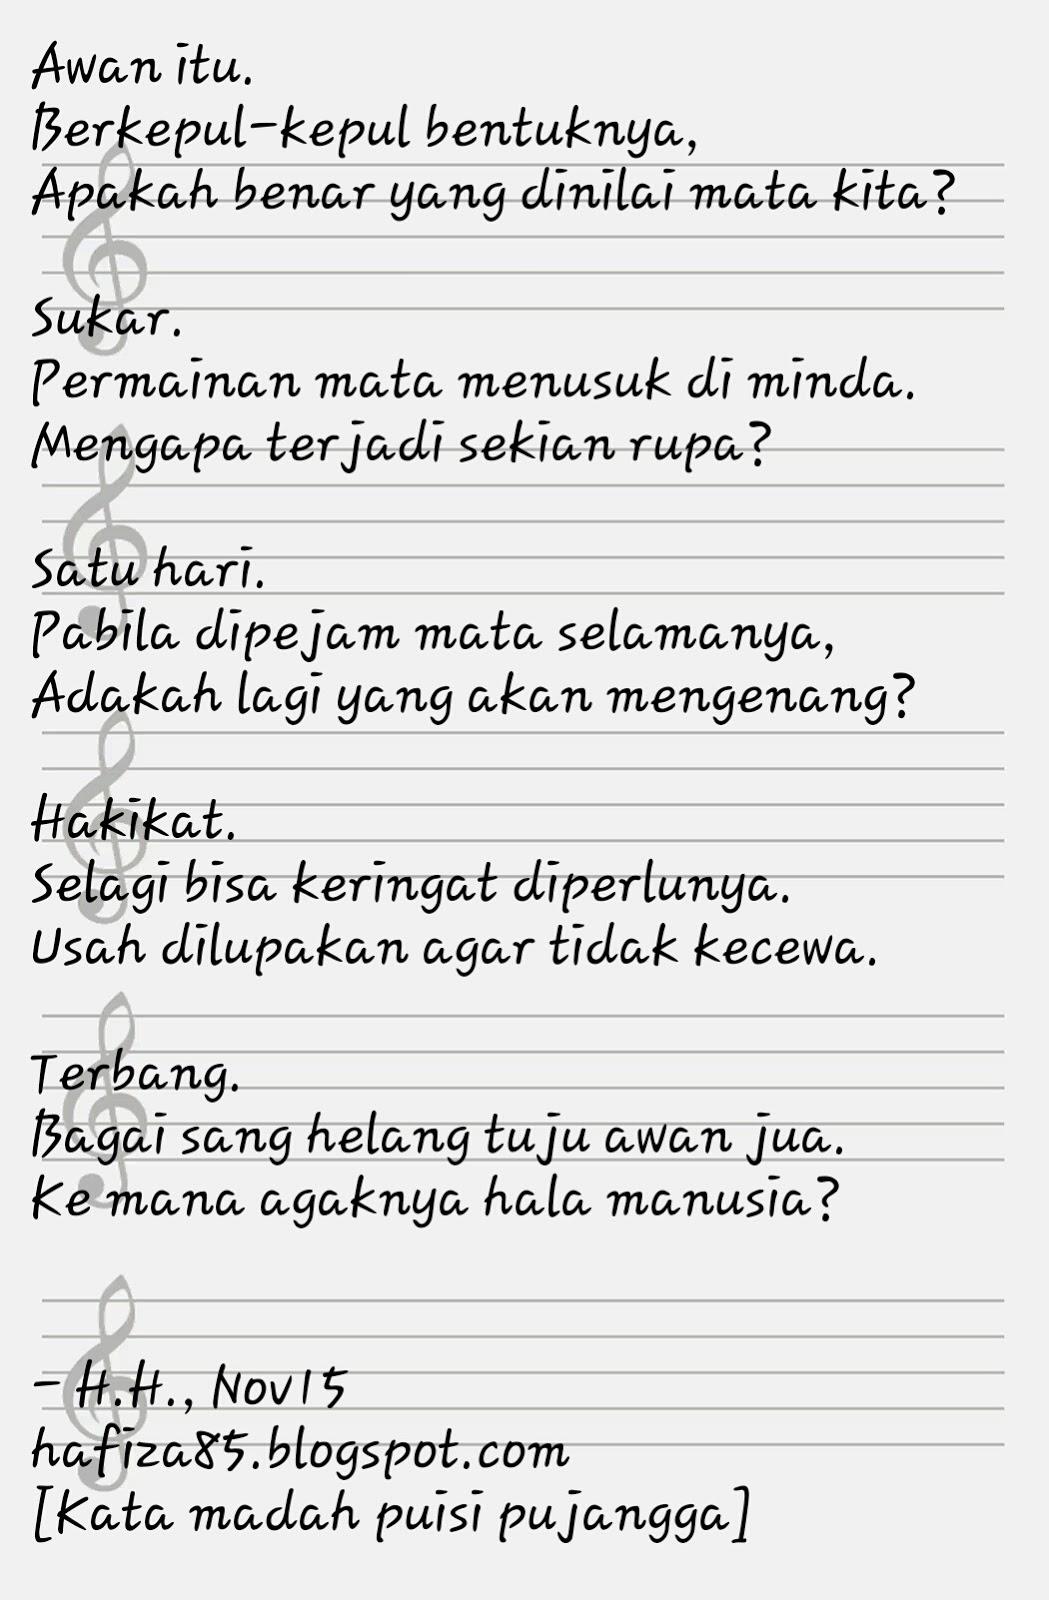 Puisi Pujangga : puisi, pujangga, Hafiza, Hussin, Coretan, Puisi, Bulan, November